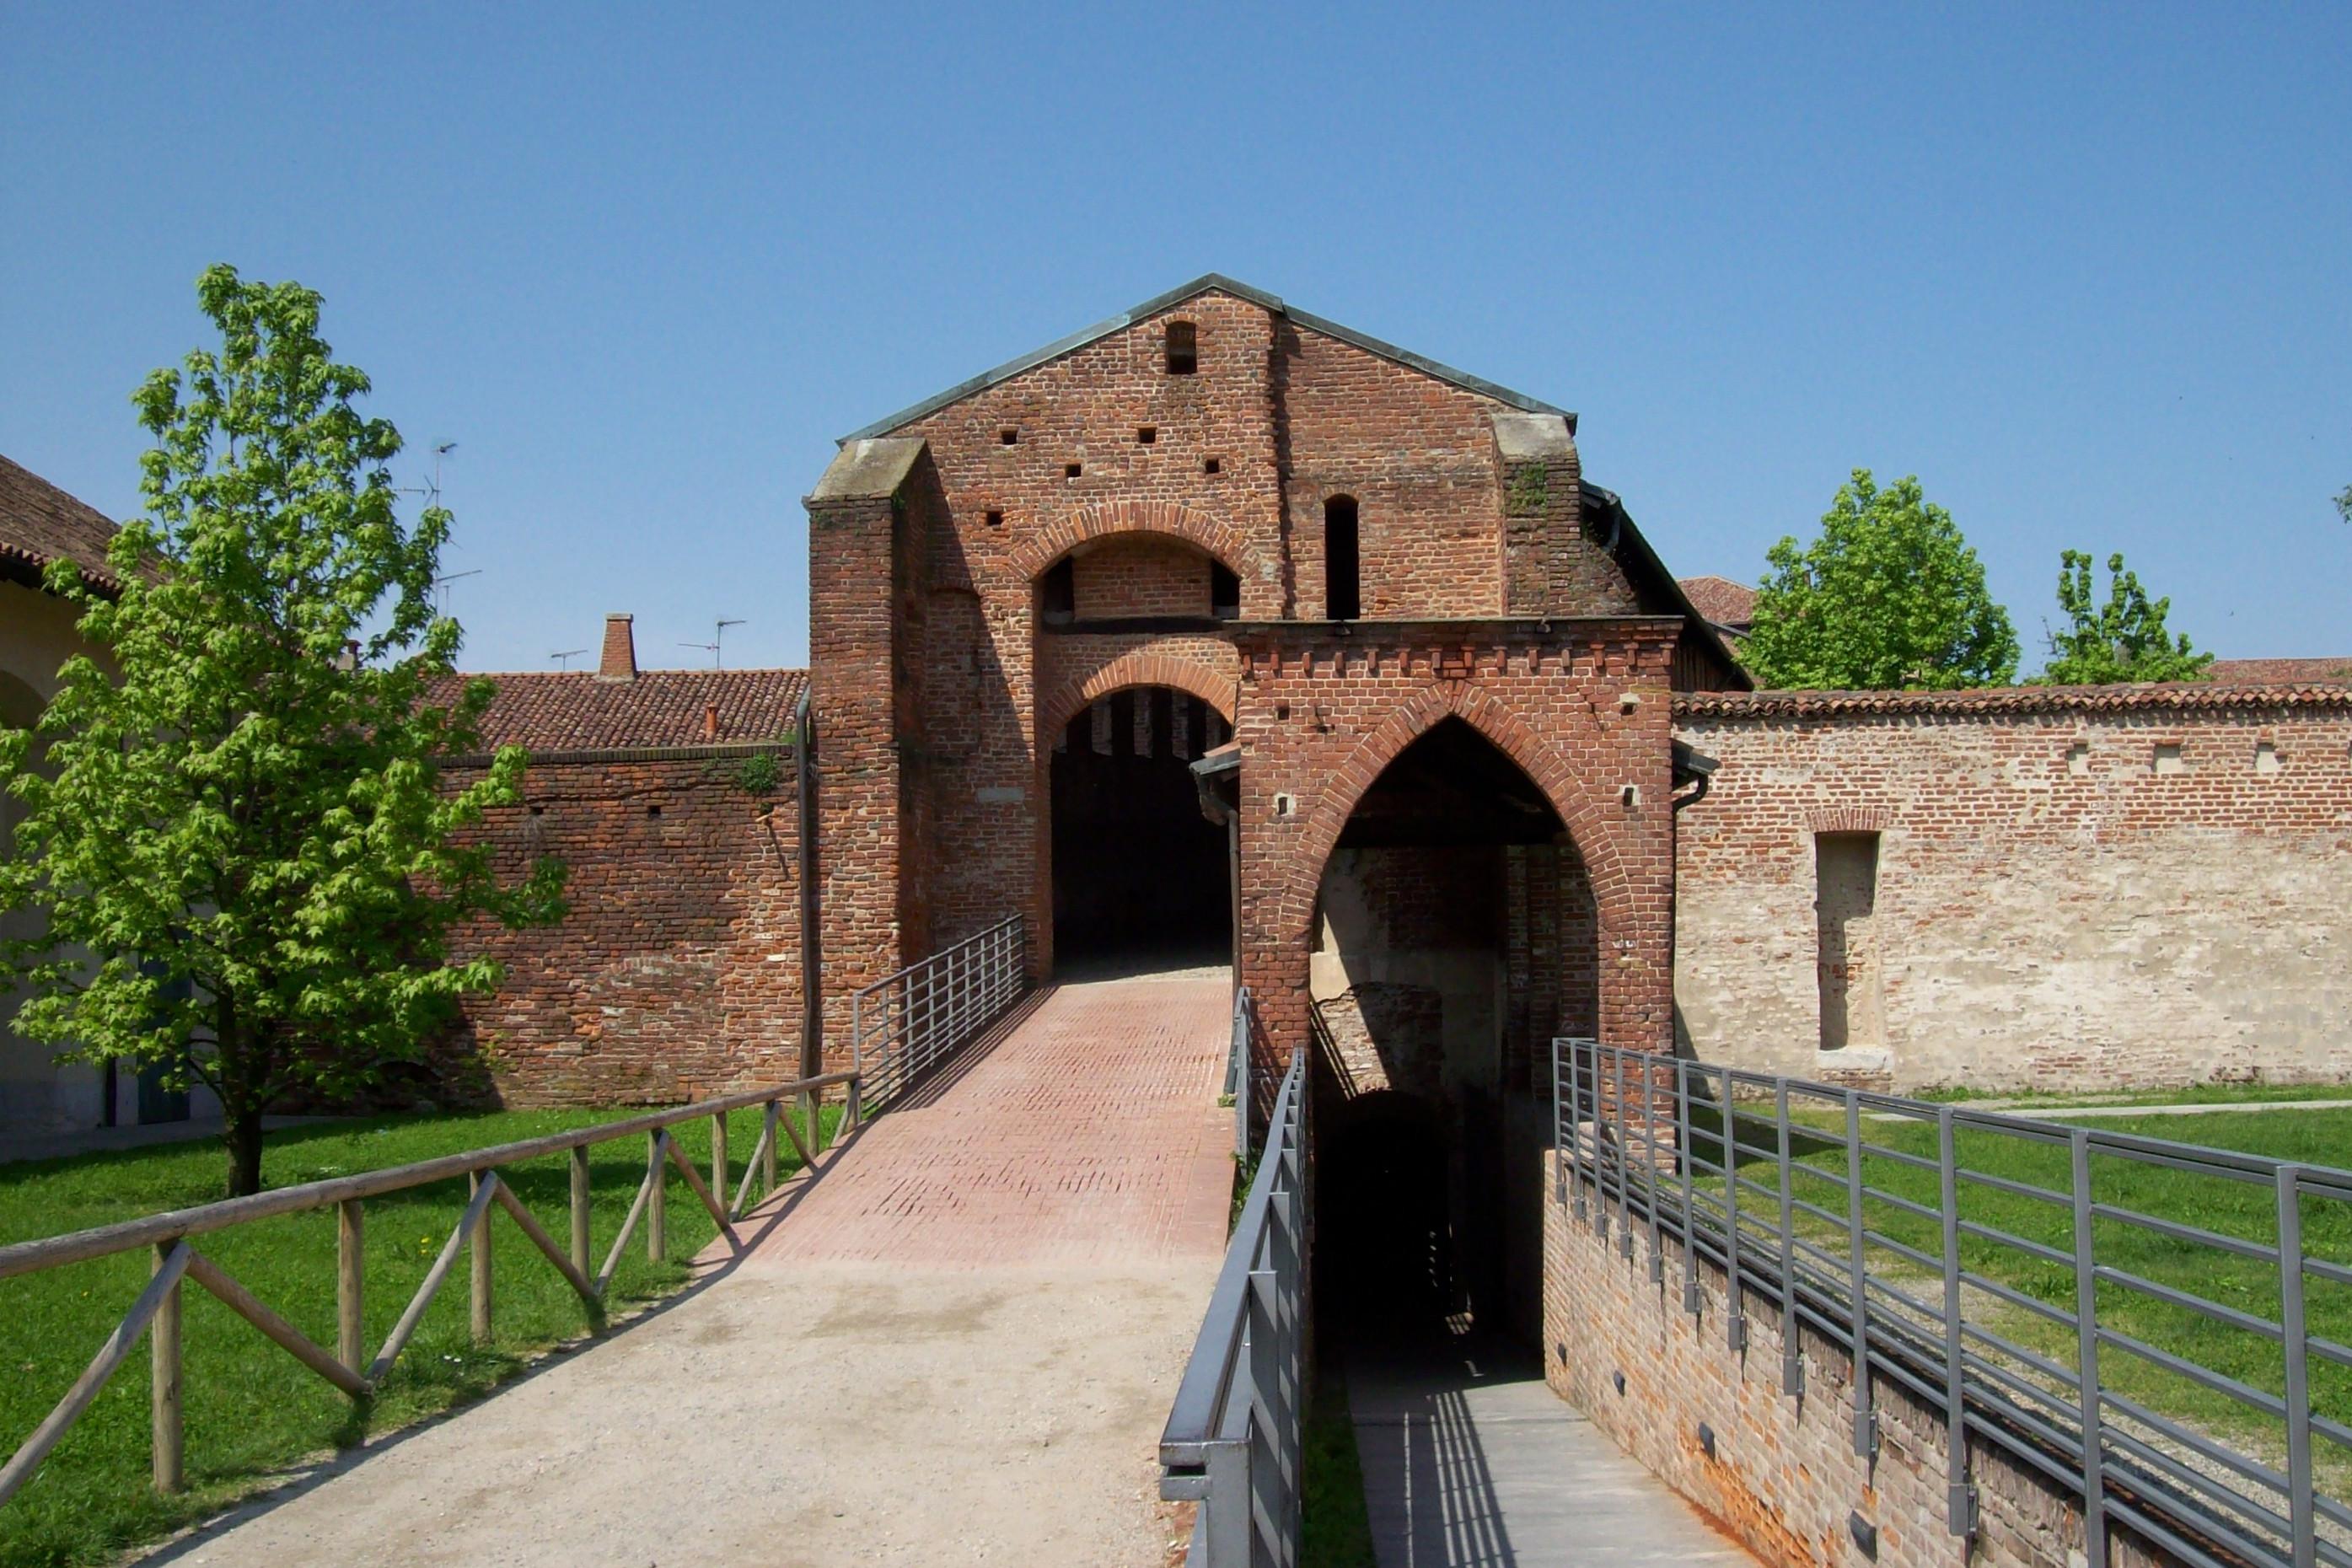 Un día de excursión: Abbiategrasso y Vigevano (parte 2)